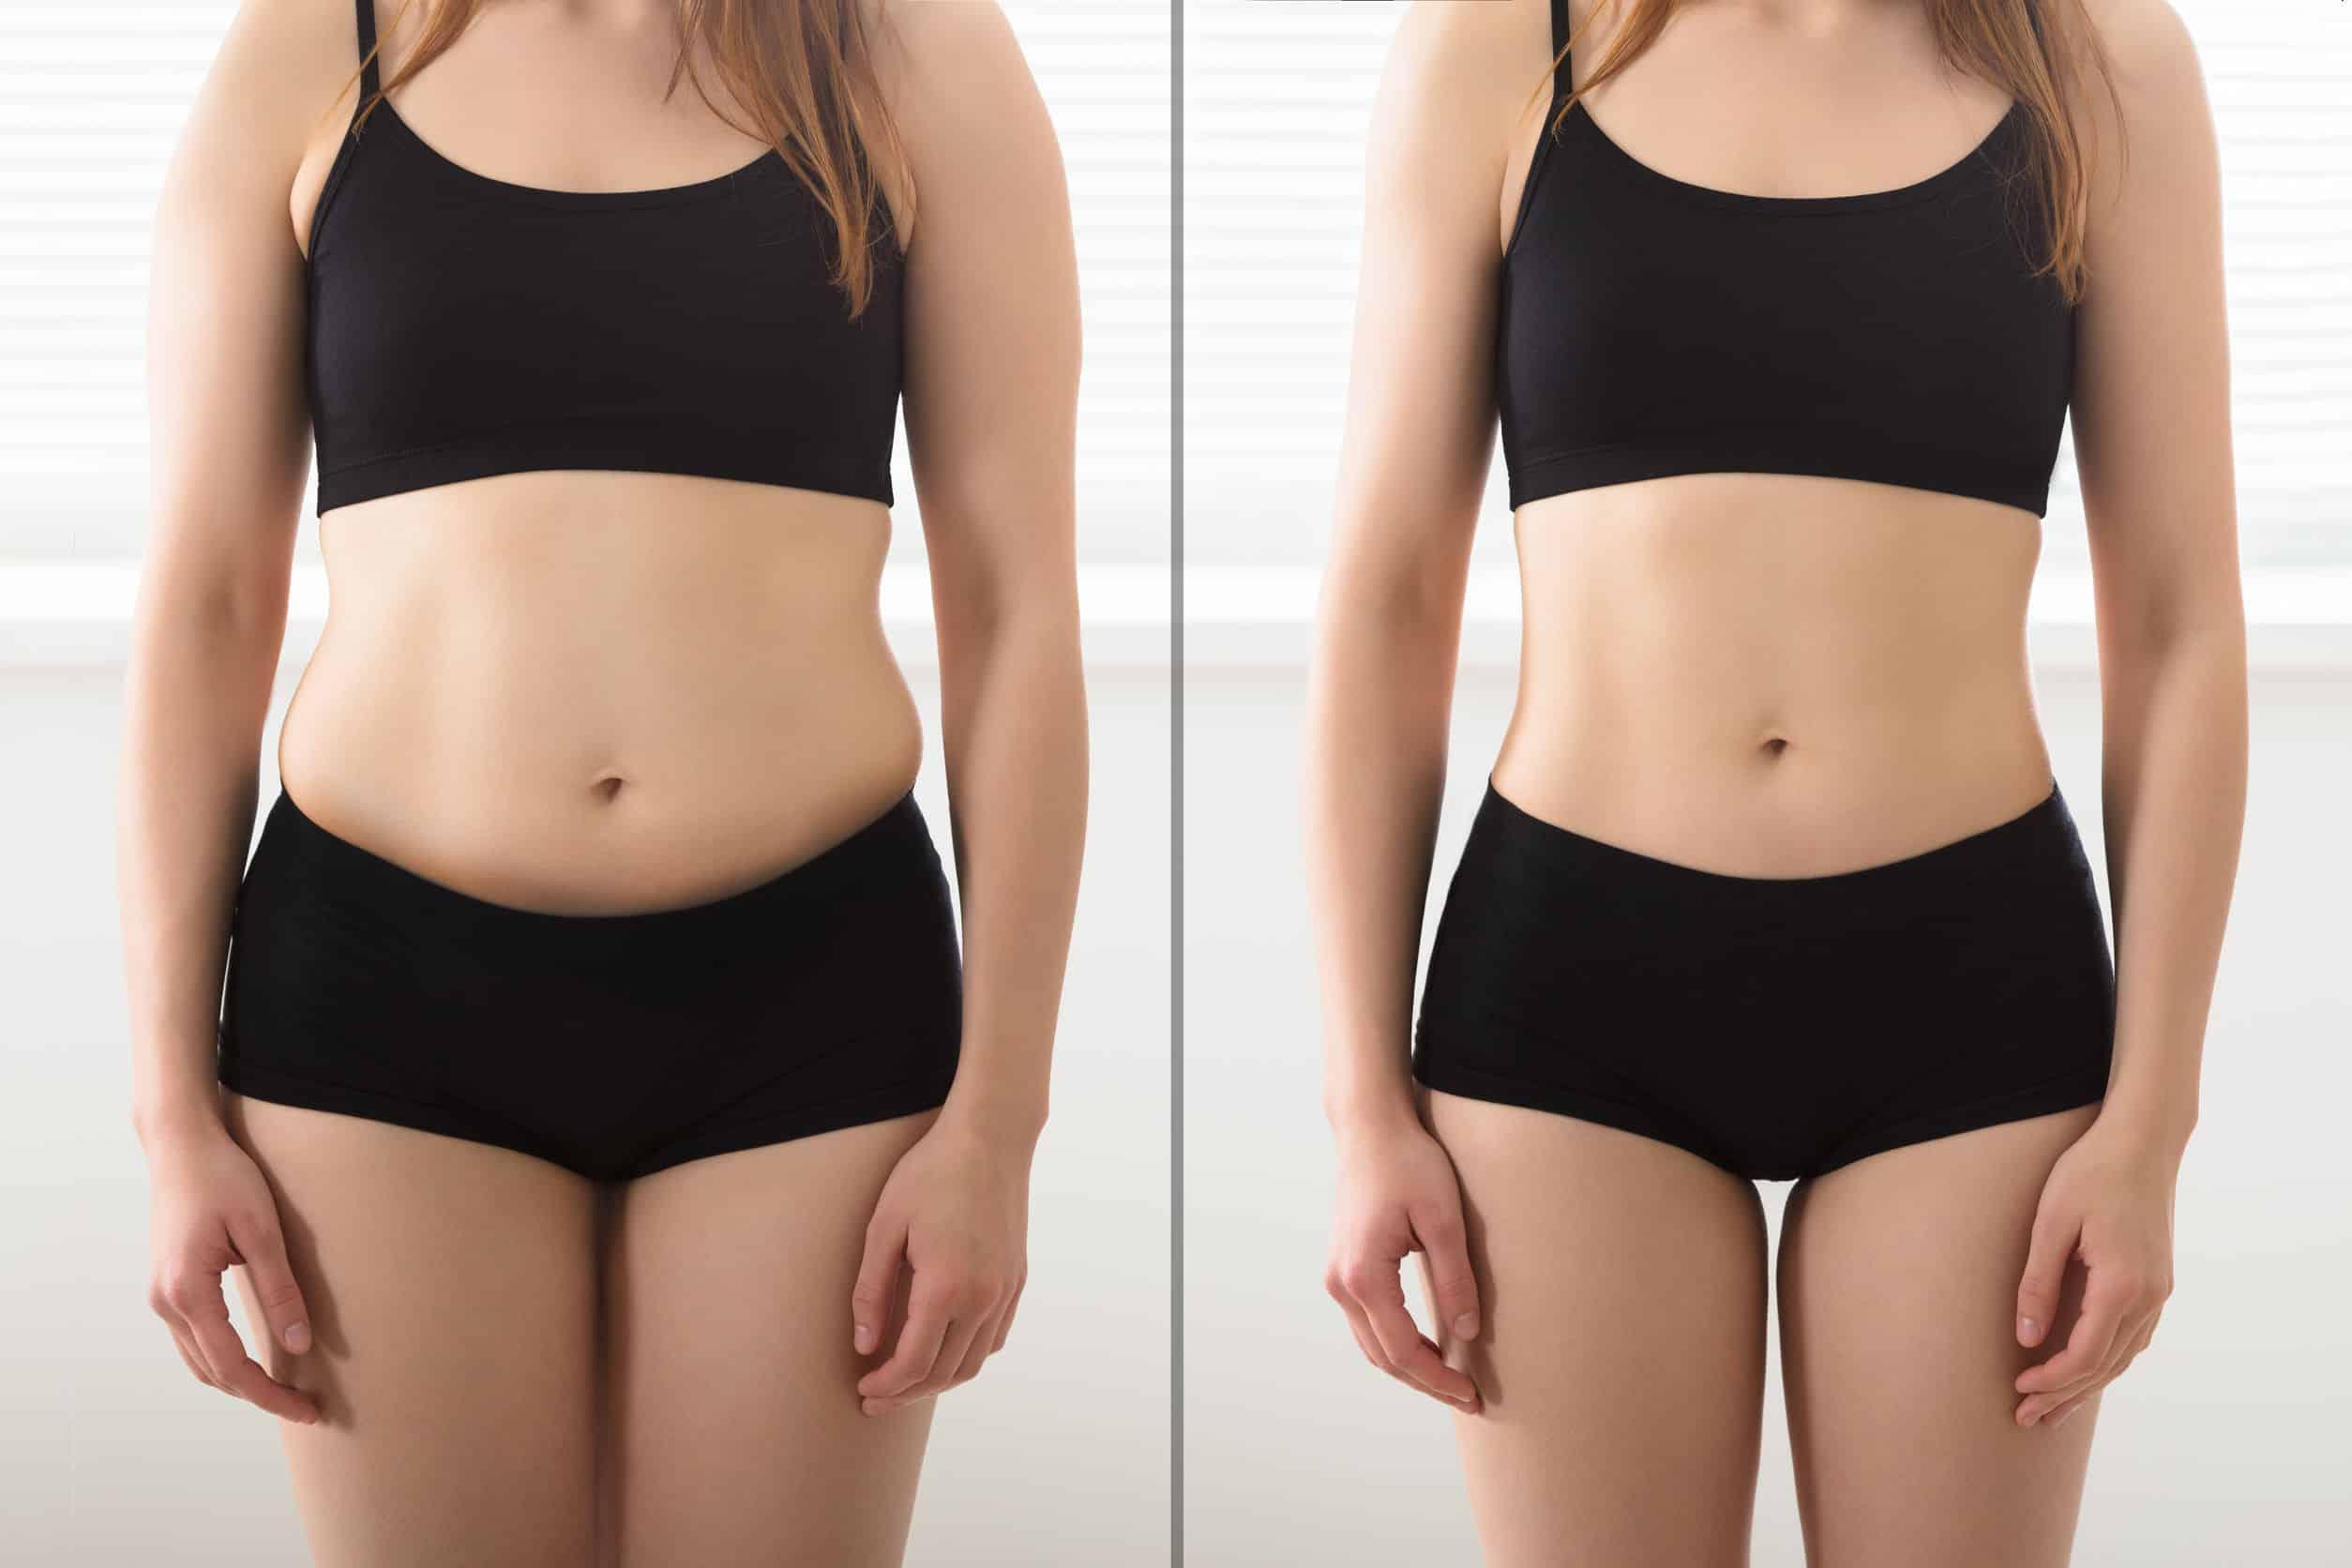 Imagem do antes e depois de uma mulher que emagreceu.